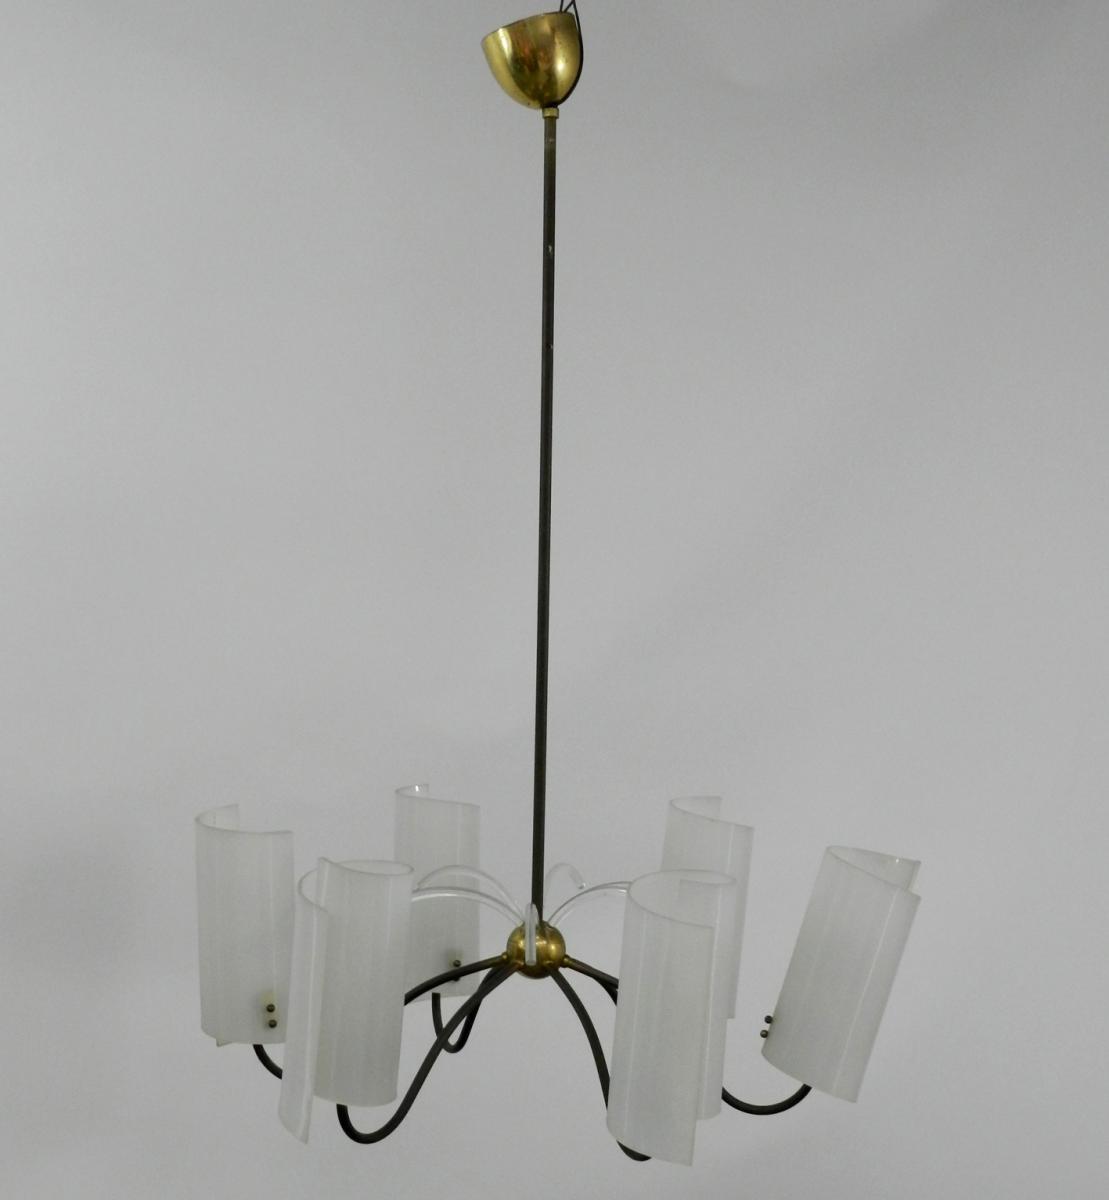 Lustre 1970, A Structure En Laiton Et Metal Laque, Caches Ampoules En Plastique